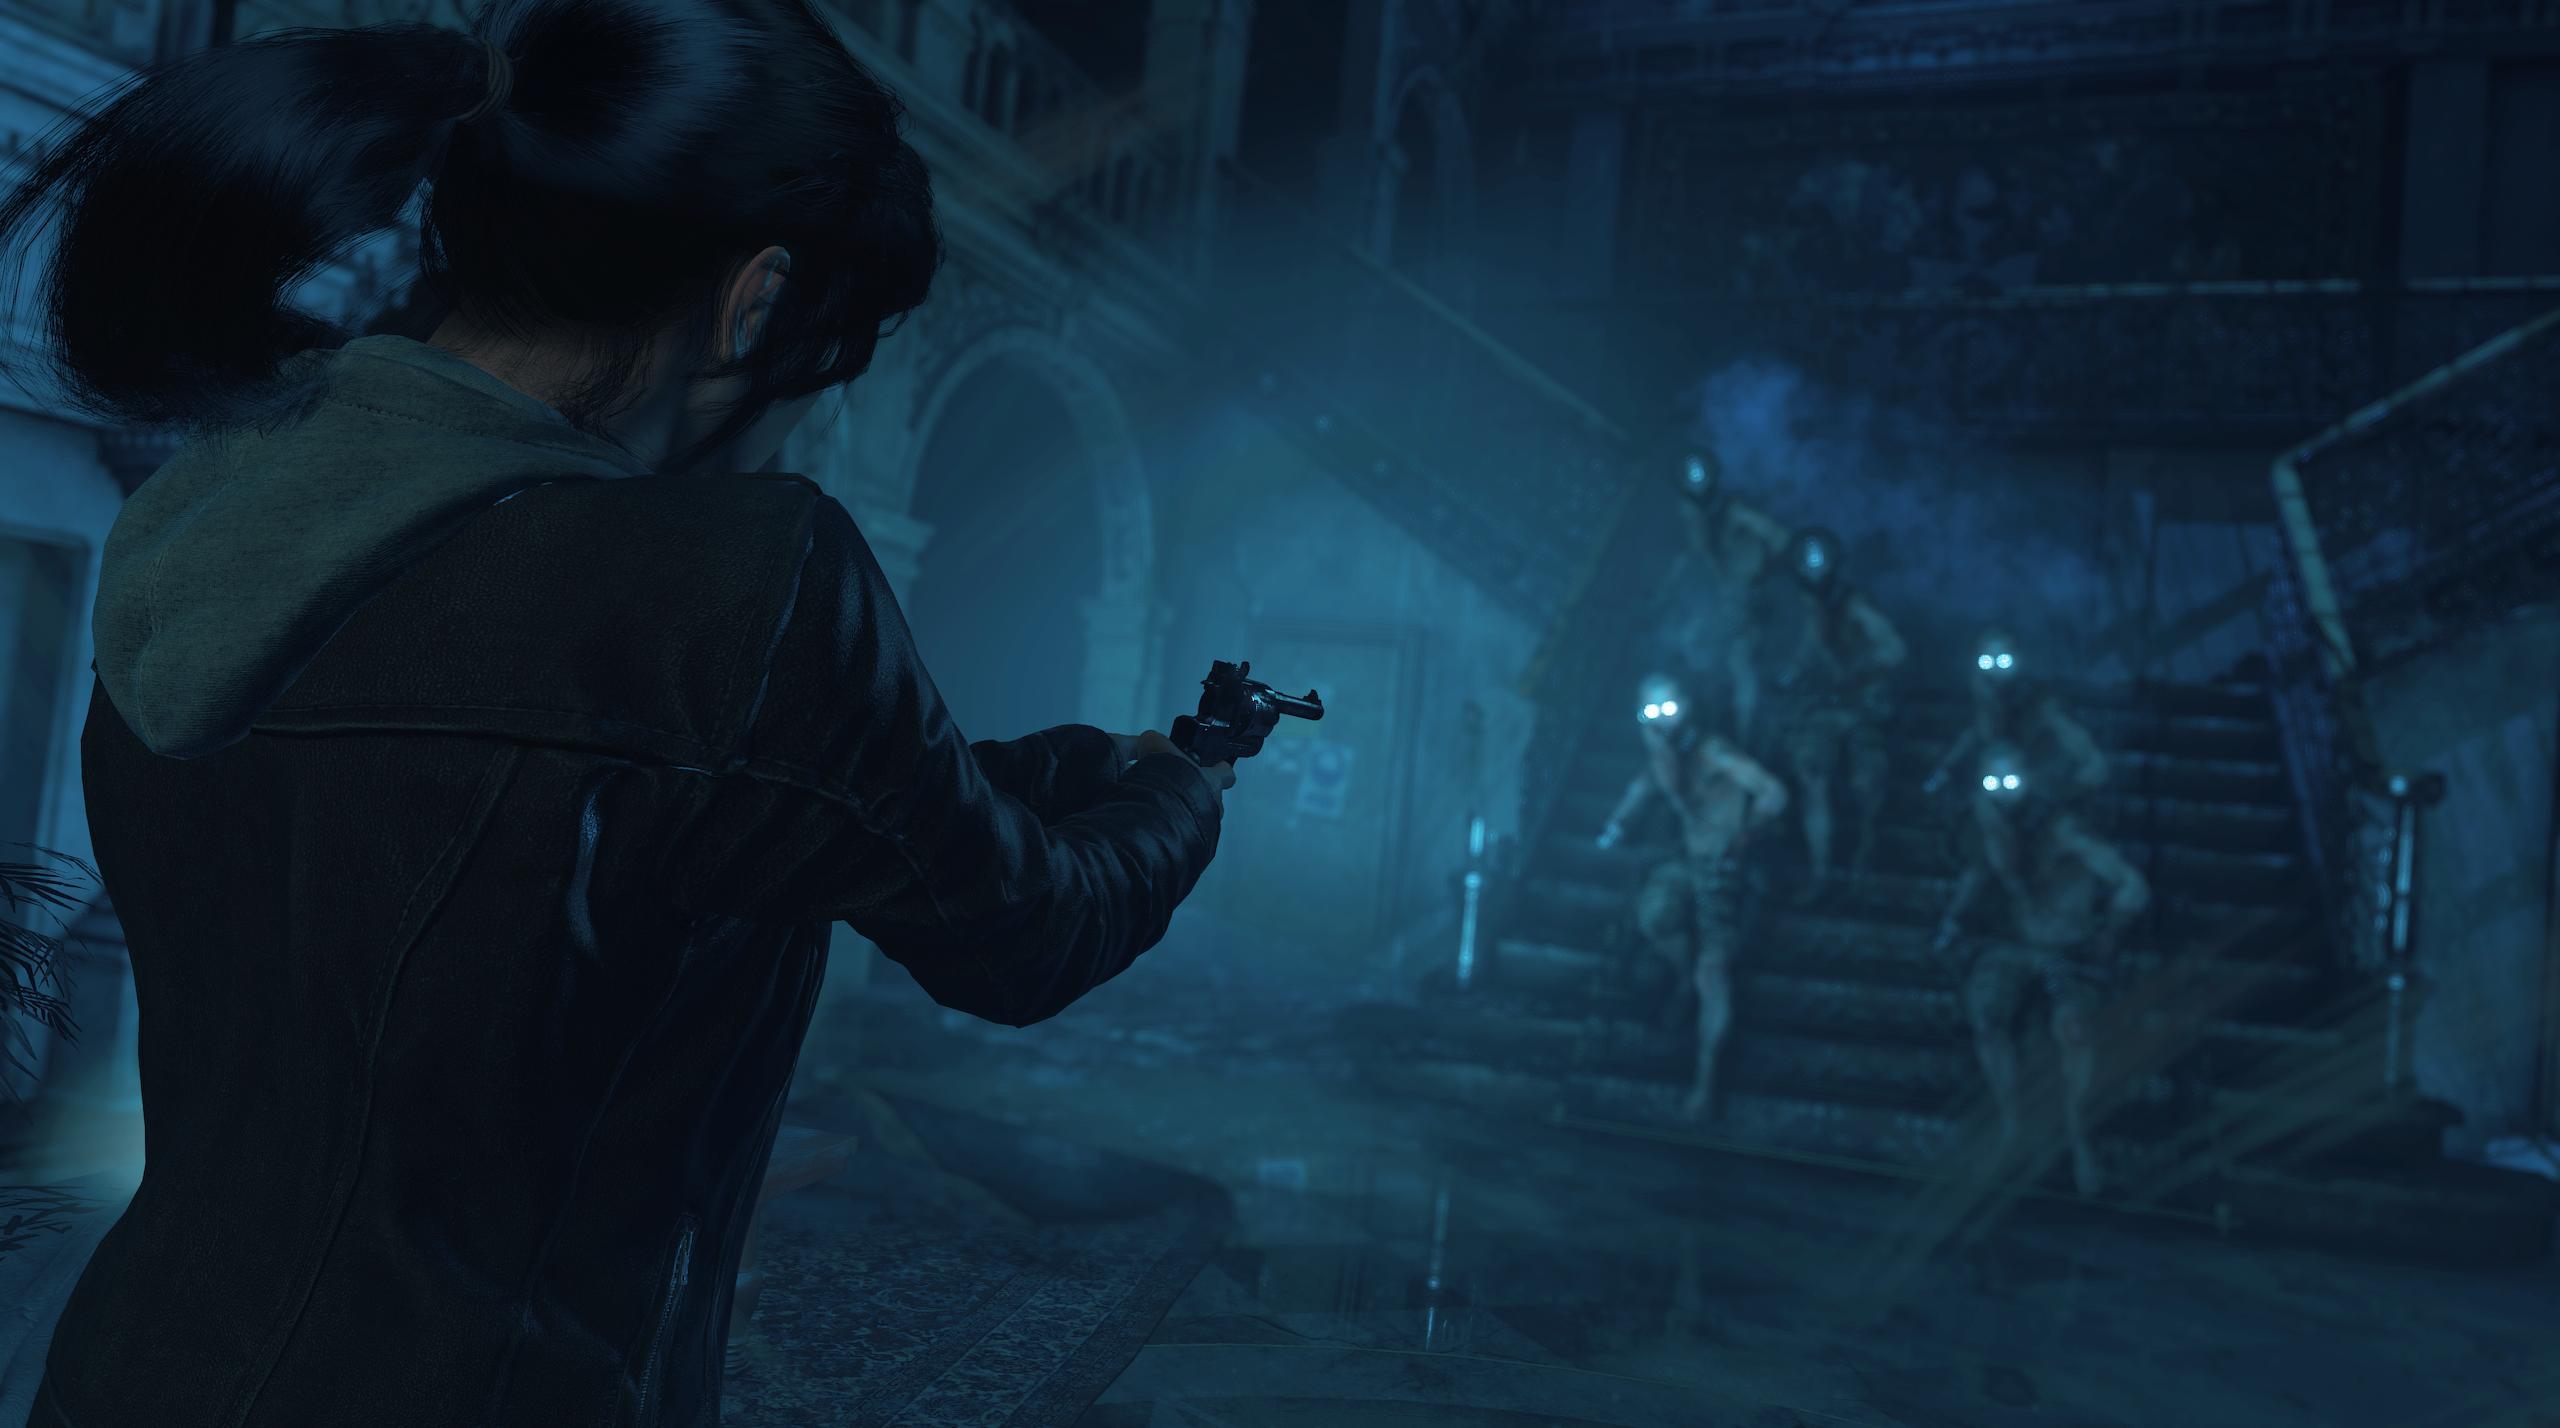 Několik nových obrázků z připravovaných DLC pro Rise of the Tomb Raider 128712